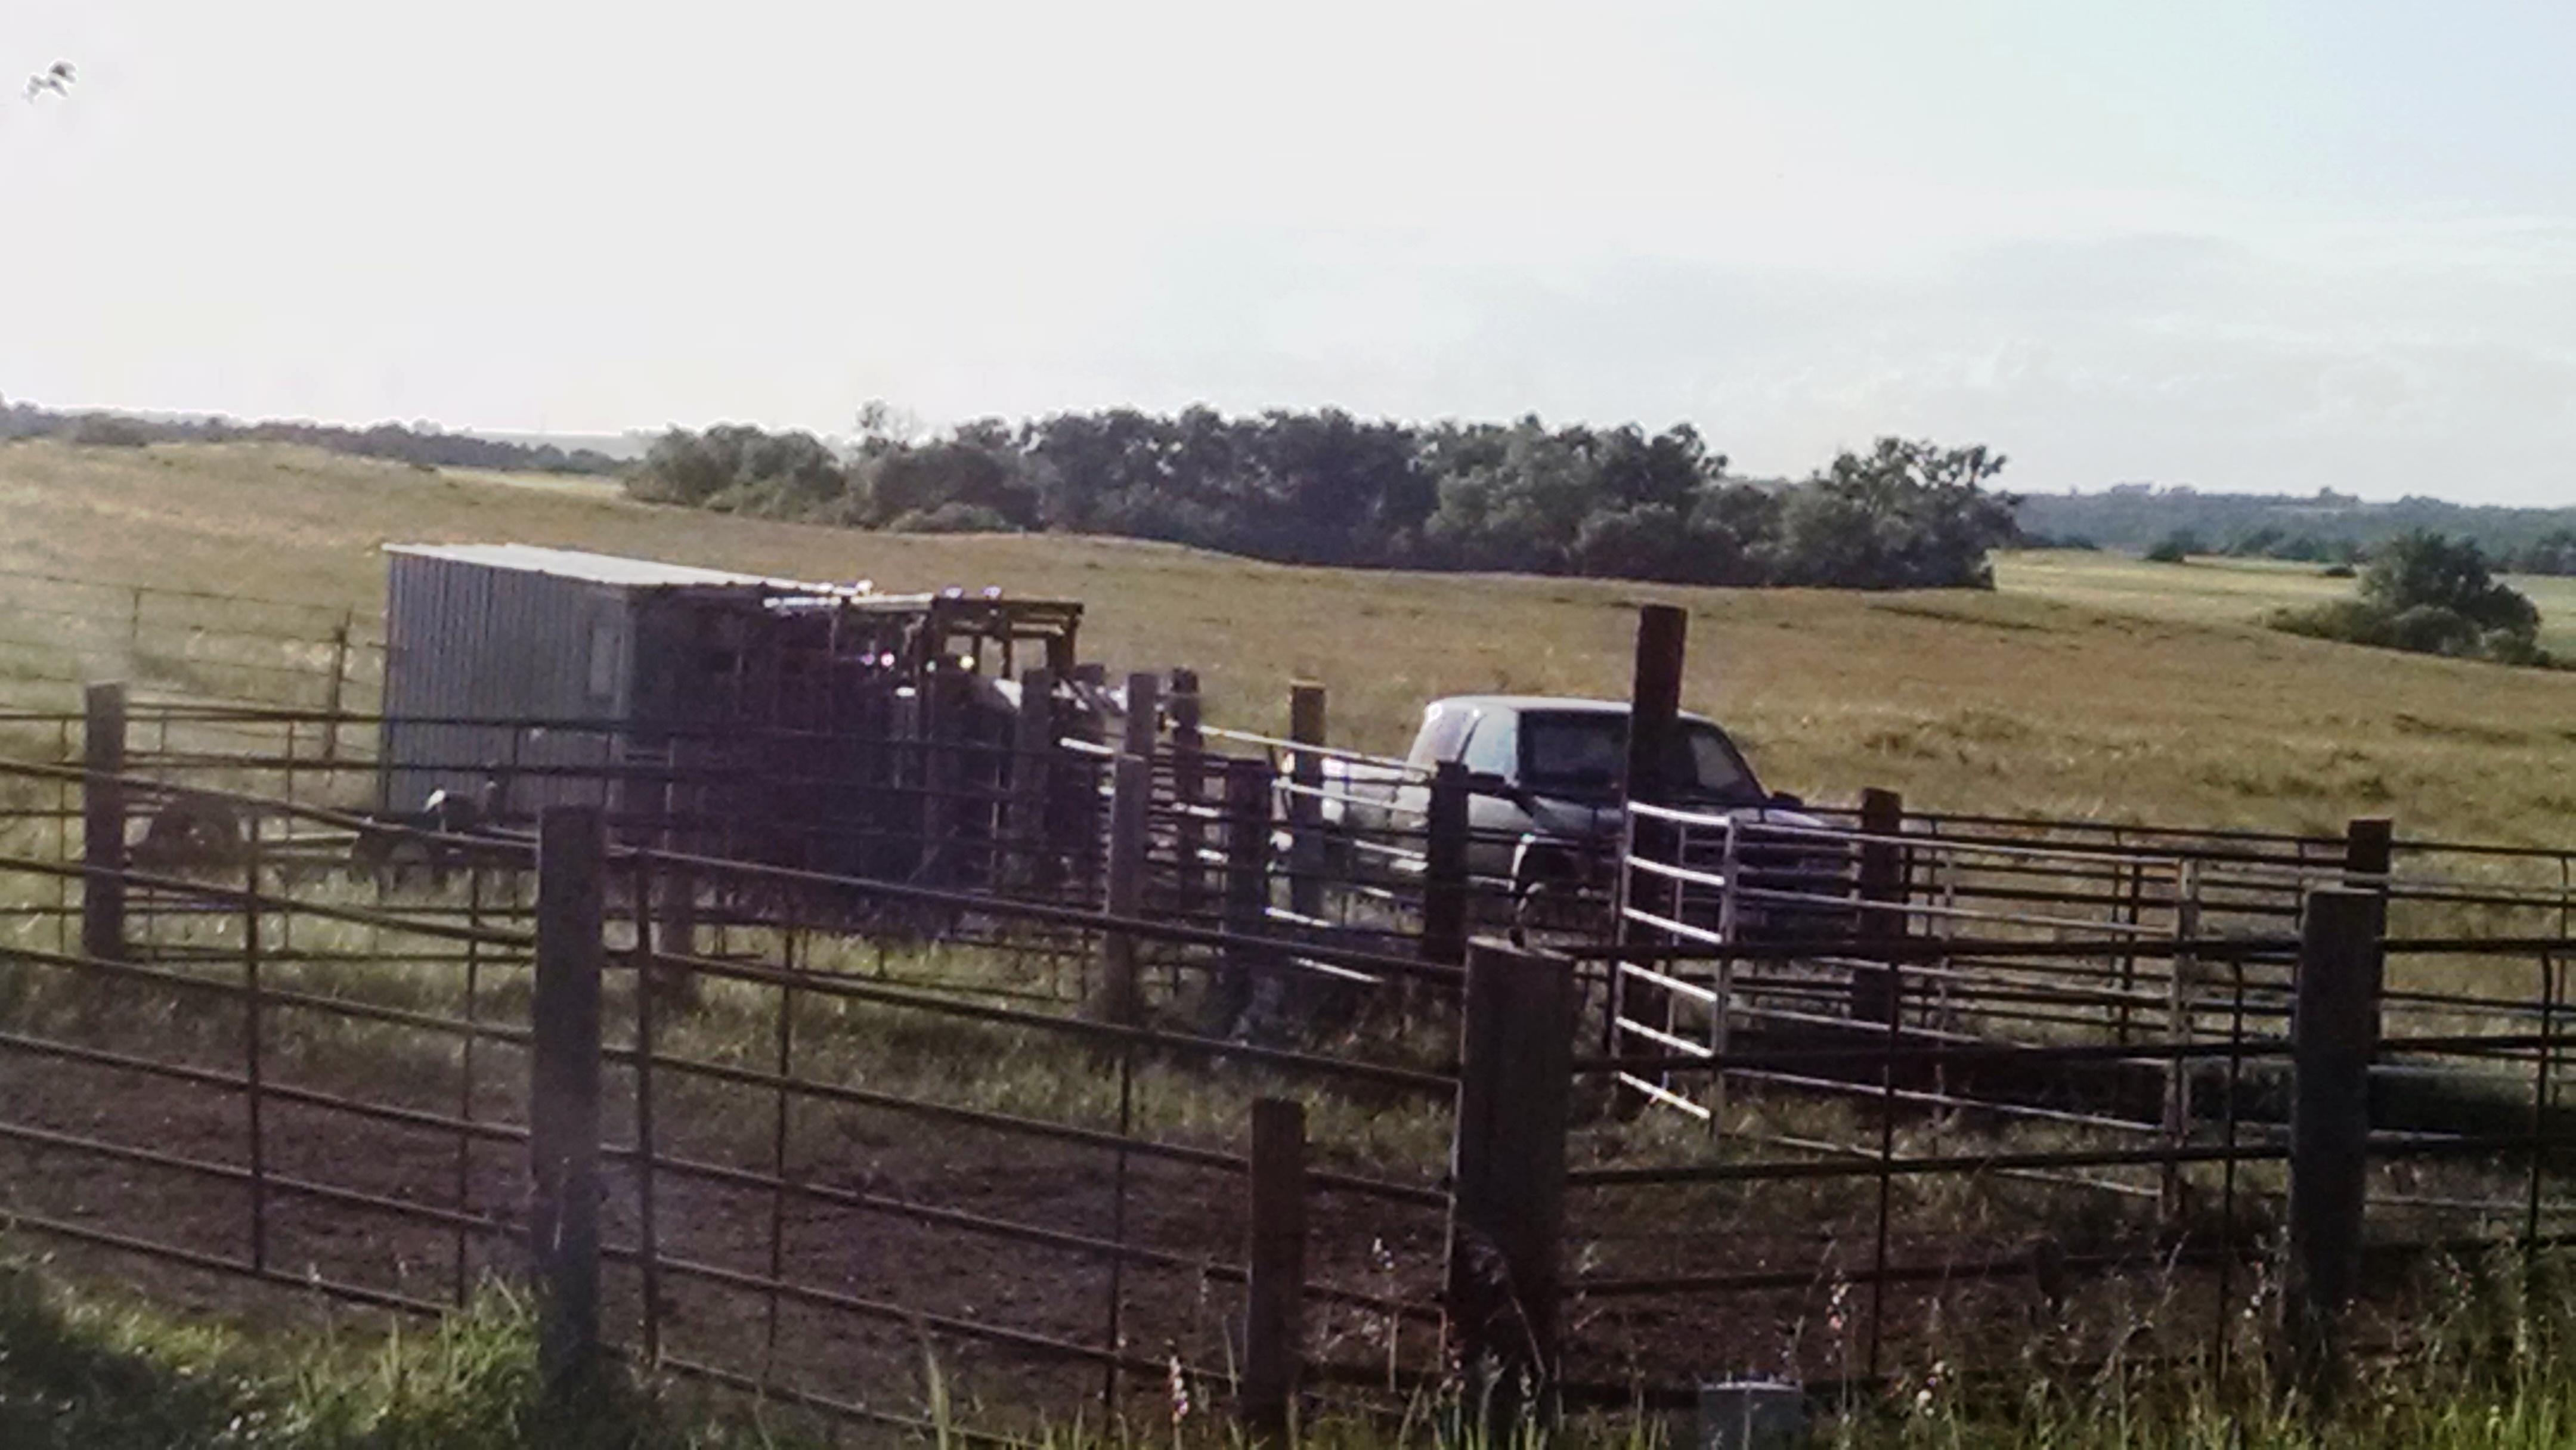 A.I. pasture